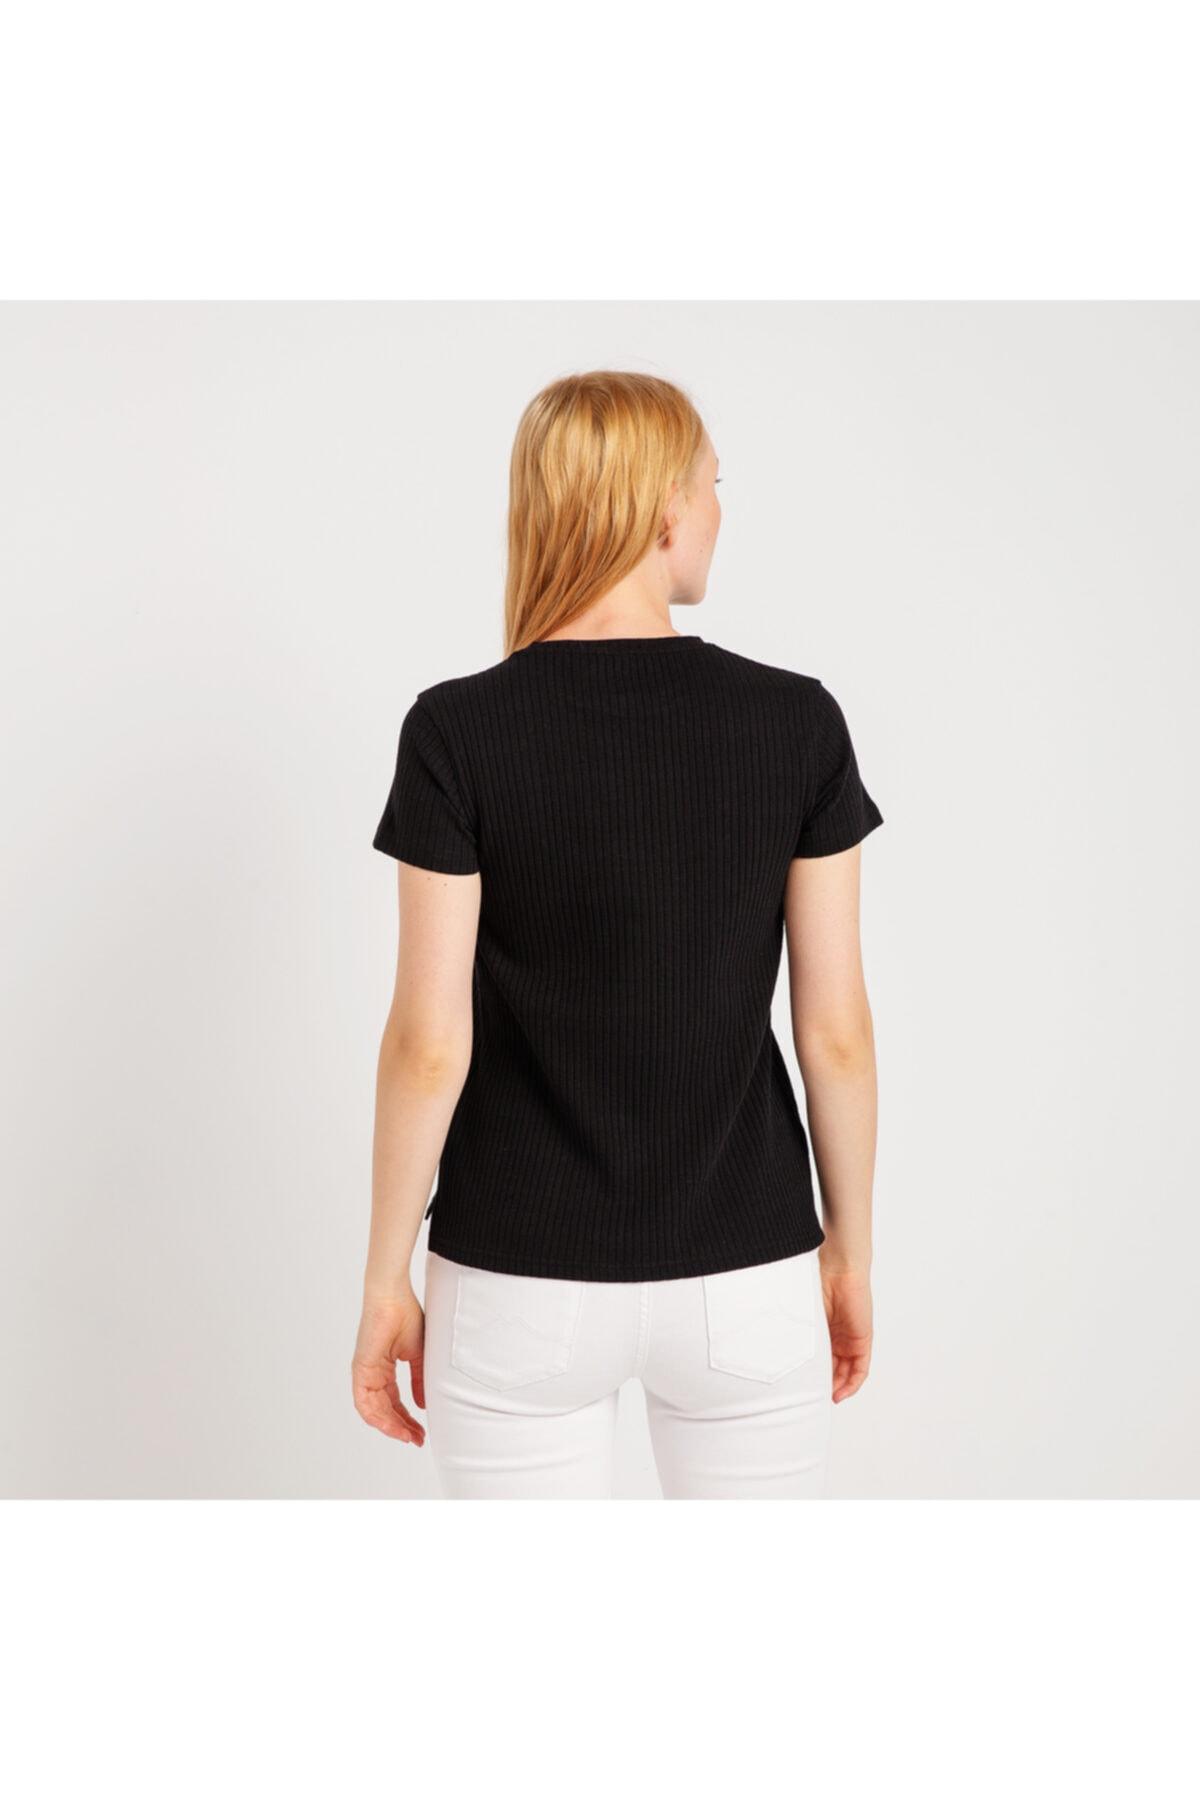 Mustang Kadın T-shirt Siyah 2